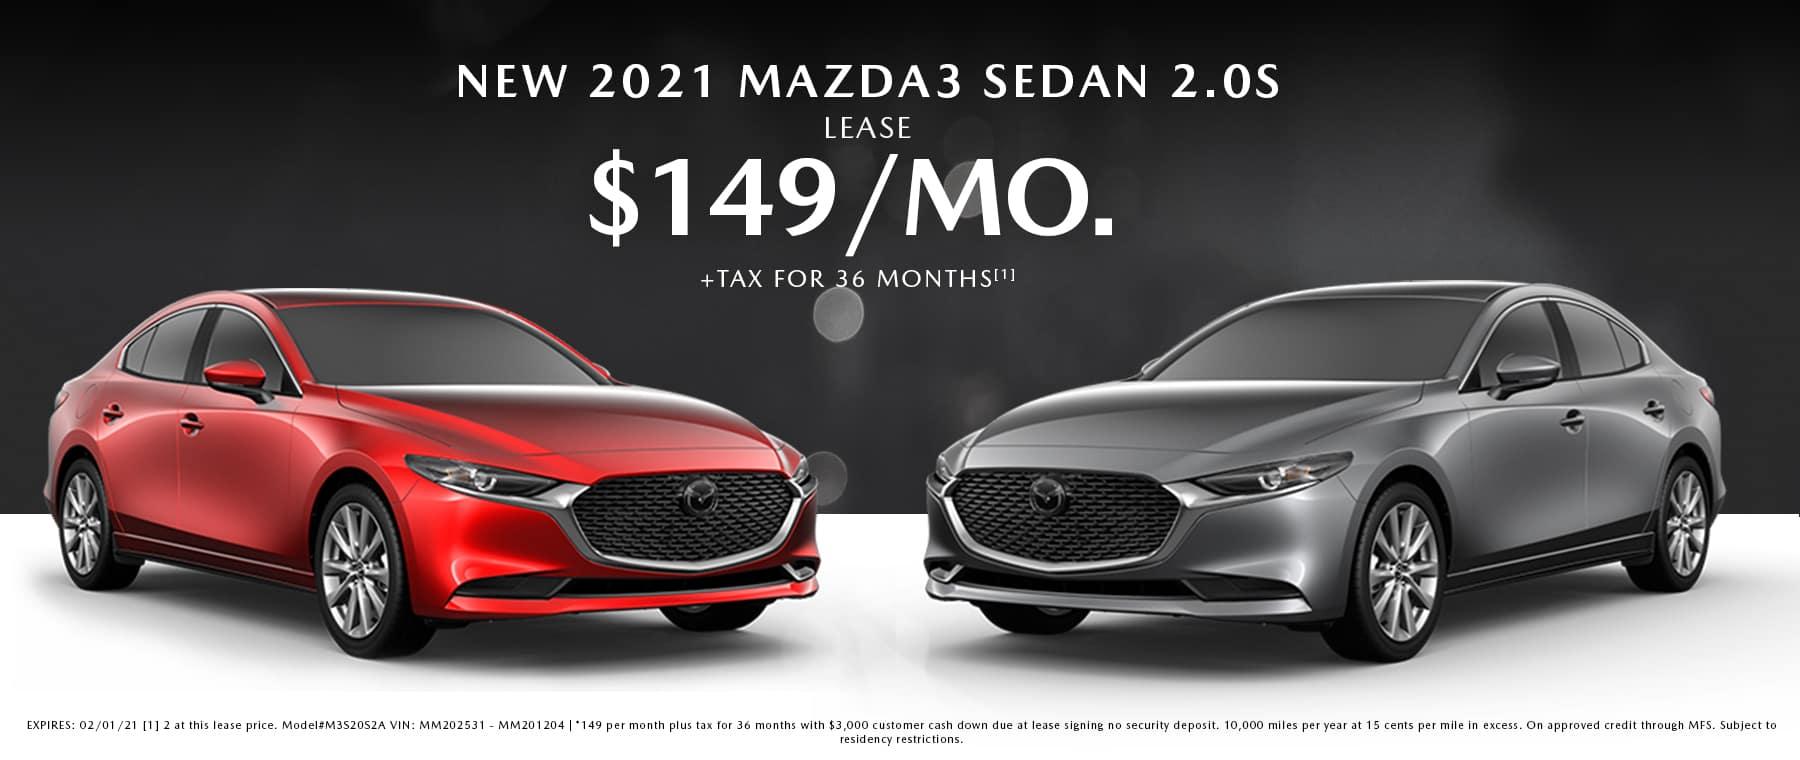 MazdaRV-Desktop-Slide-3